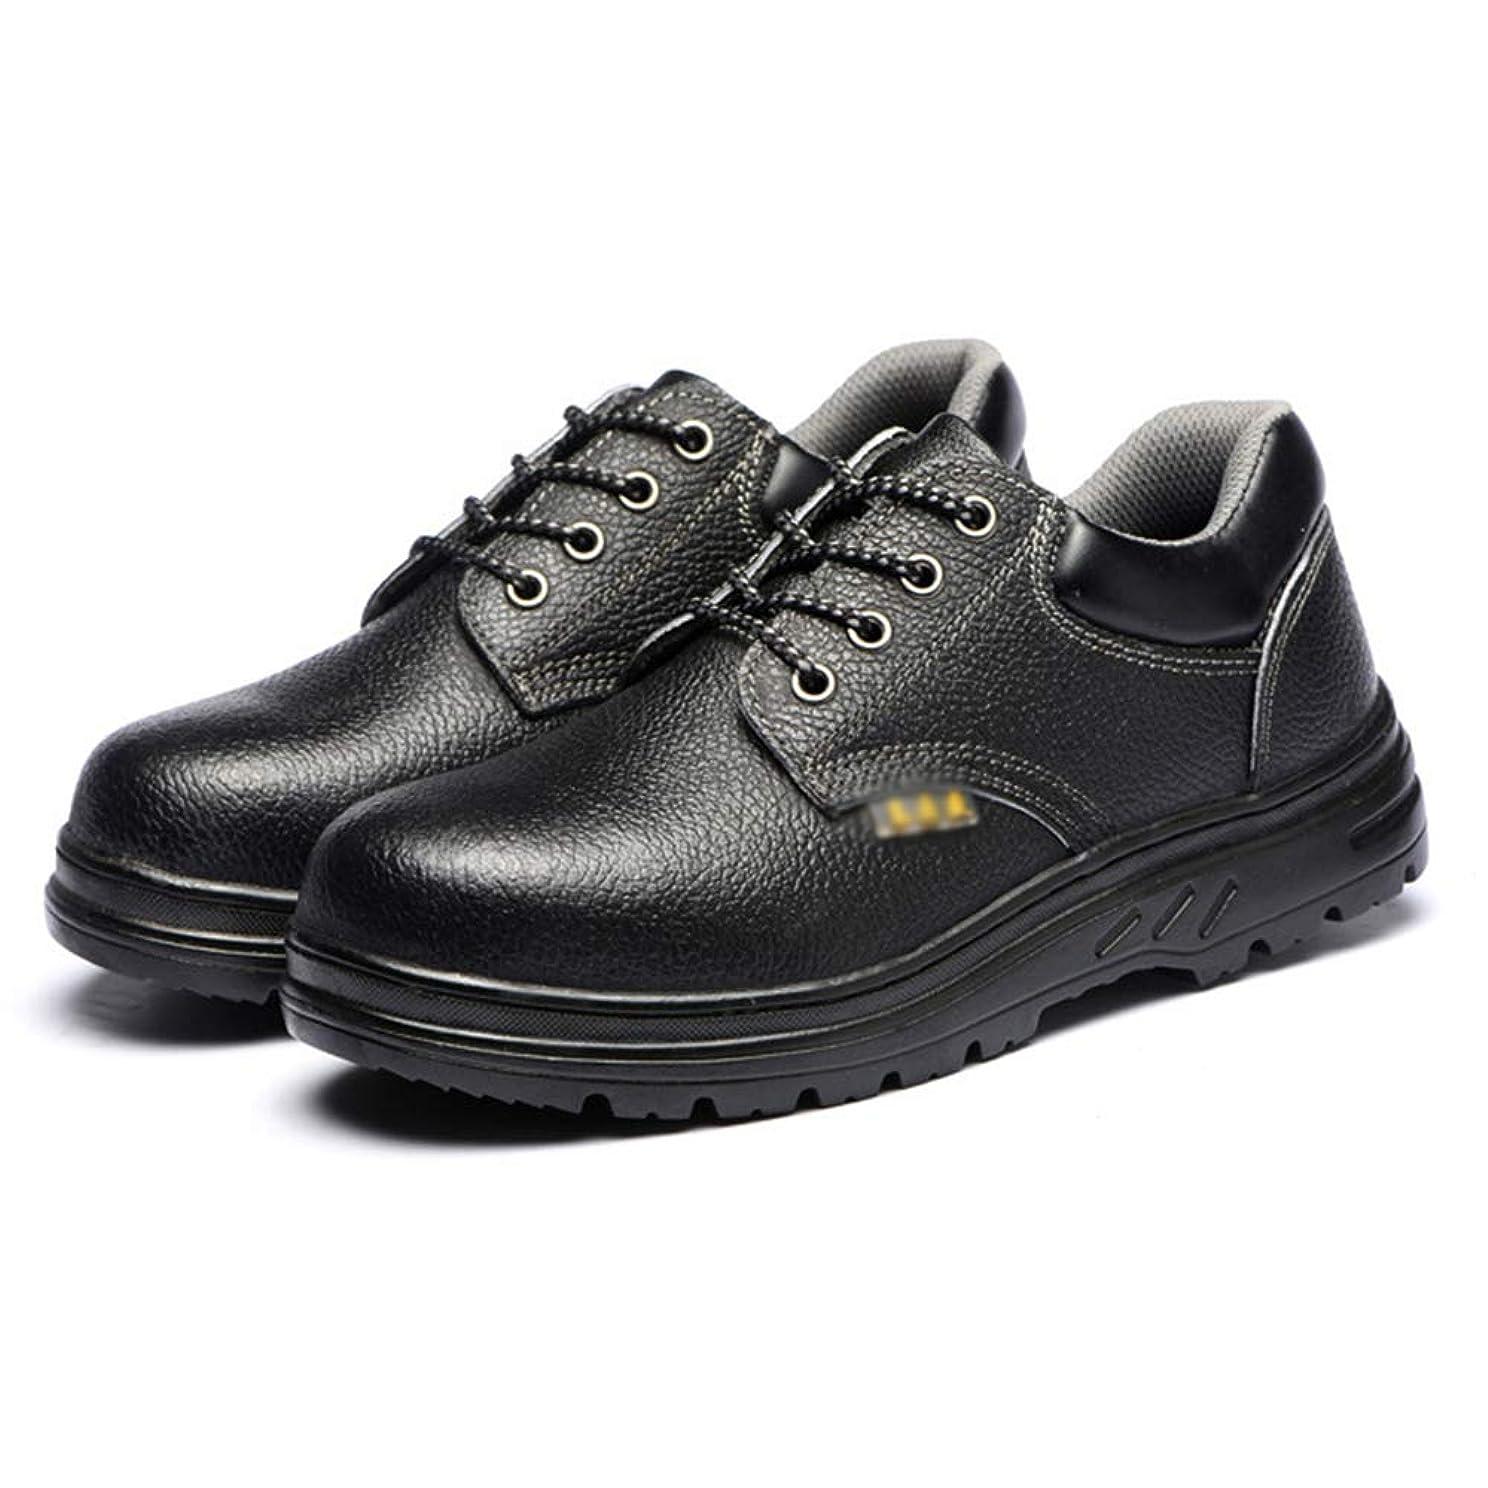 議論する粒子床を掃除するメンズ ショートブーツ 安全靴 作業靴 短靴 レザー レースアップシューズ 通気 つまさき保護 先芯入り 疲れない 滑らない 釘防止 鋼片付き 靴底防護 刺す叩く防止 防刺 耐摩耗 二層底 耐滑 耐油 黒